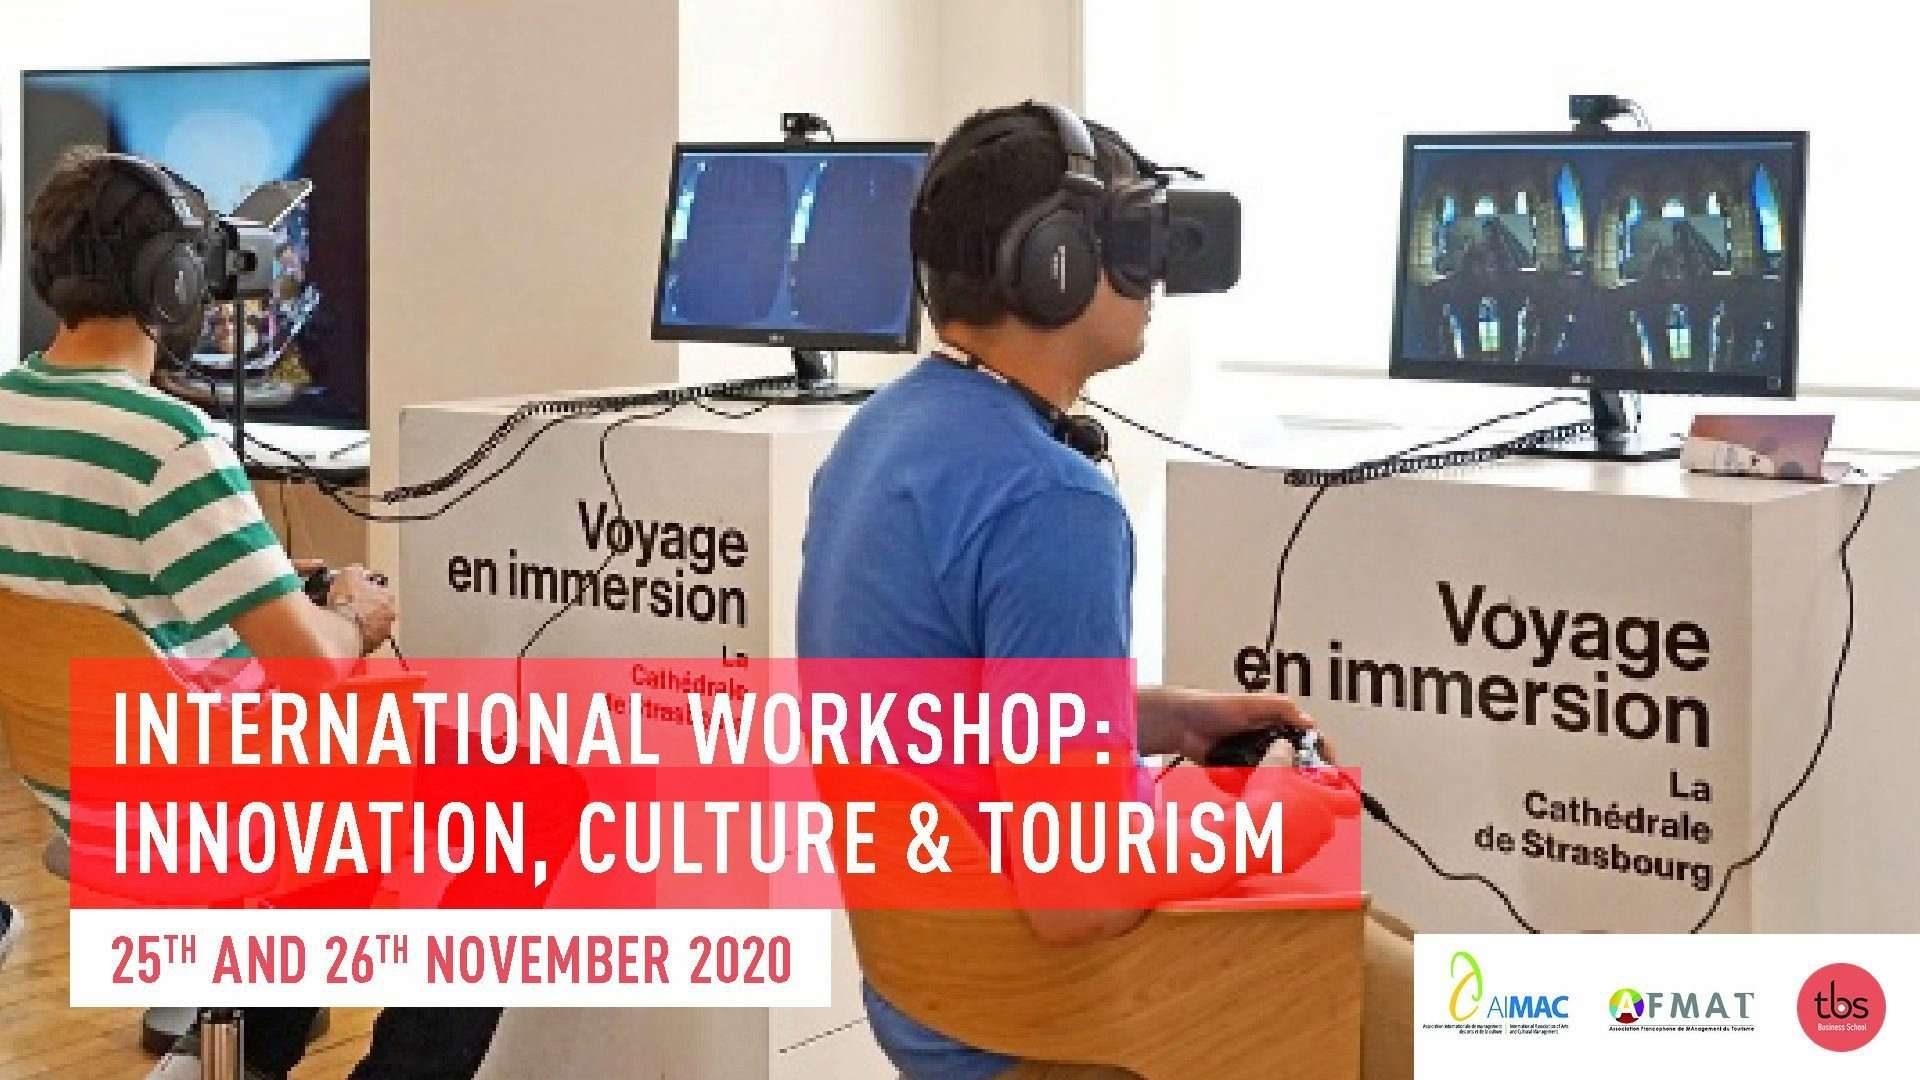 International Workshop Innovation Culture Tourisme